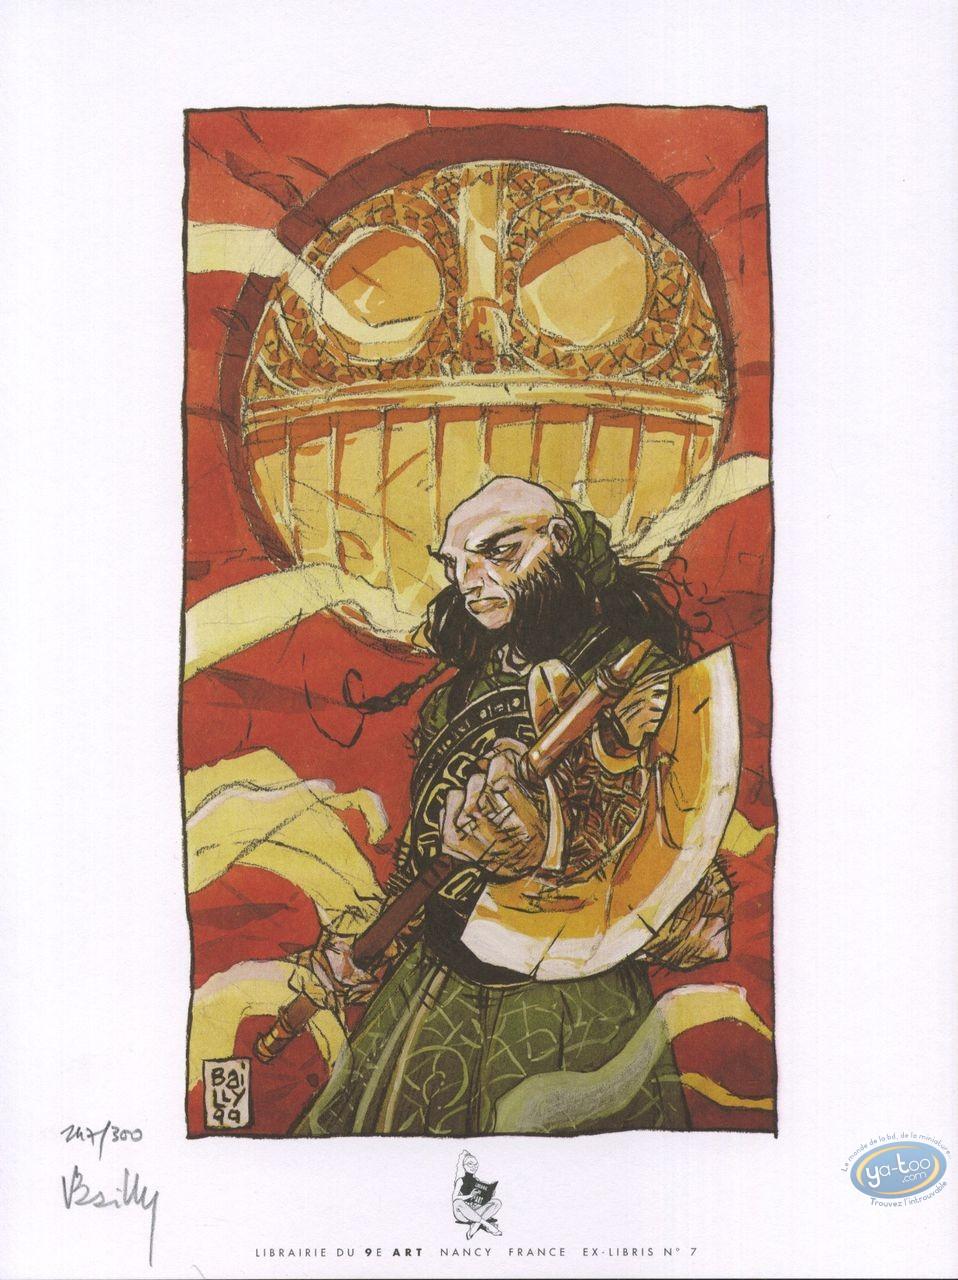 Bookplate Offset, Cœur de Sang (Le) : Warrior with an axe